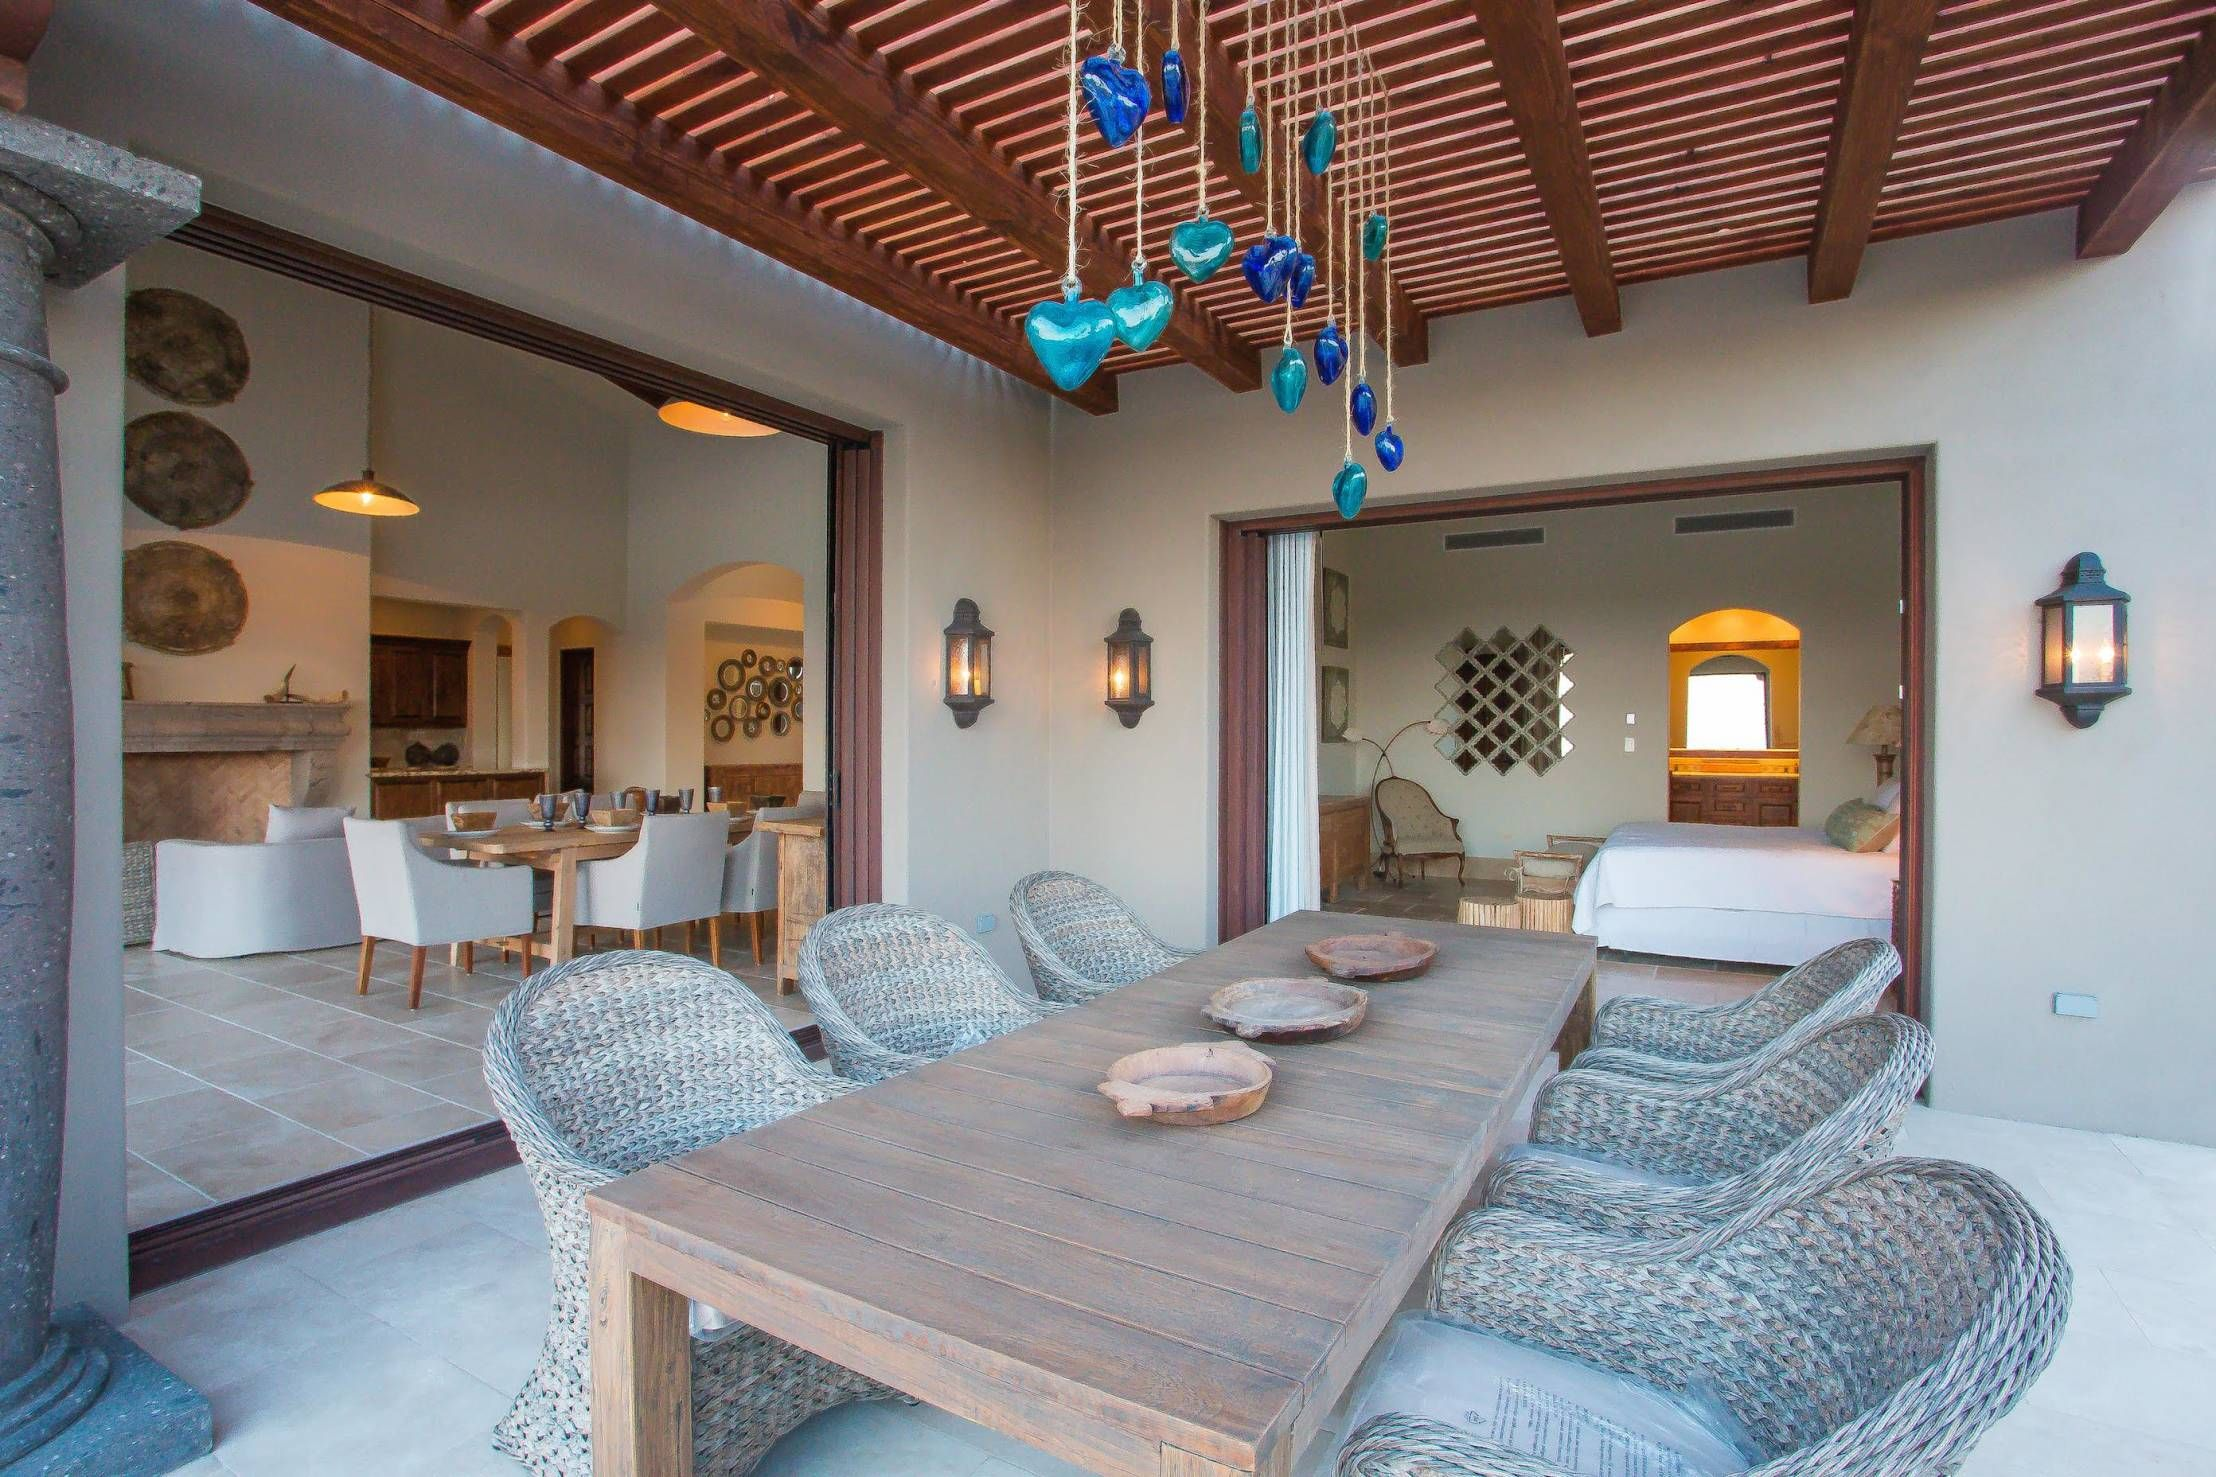 15 terrazas r sticas sensacionales ideas para el hogar for Terrazas rusticas fotos